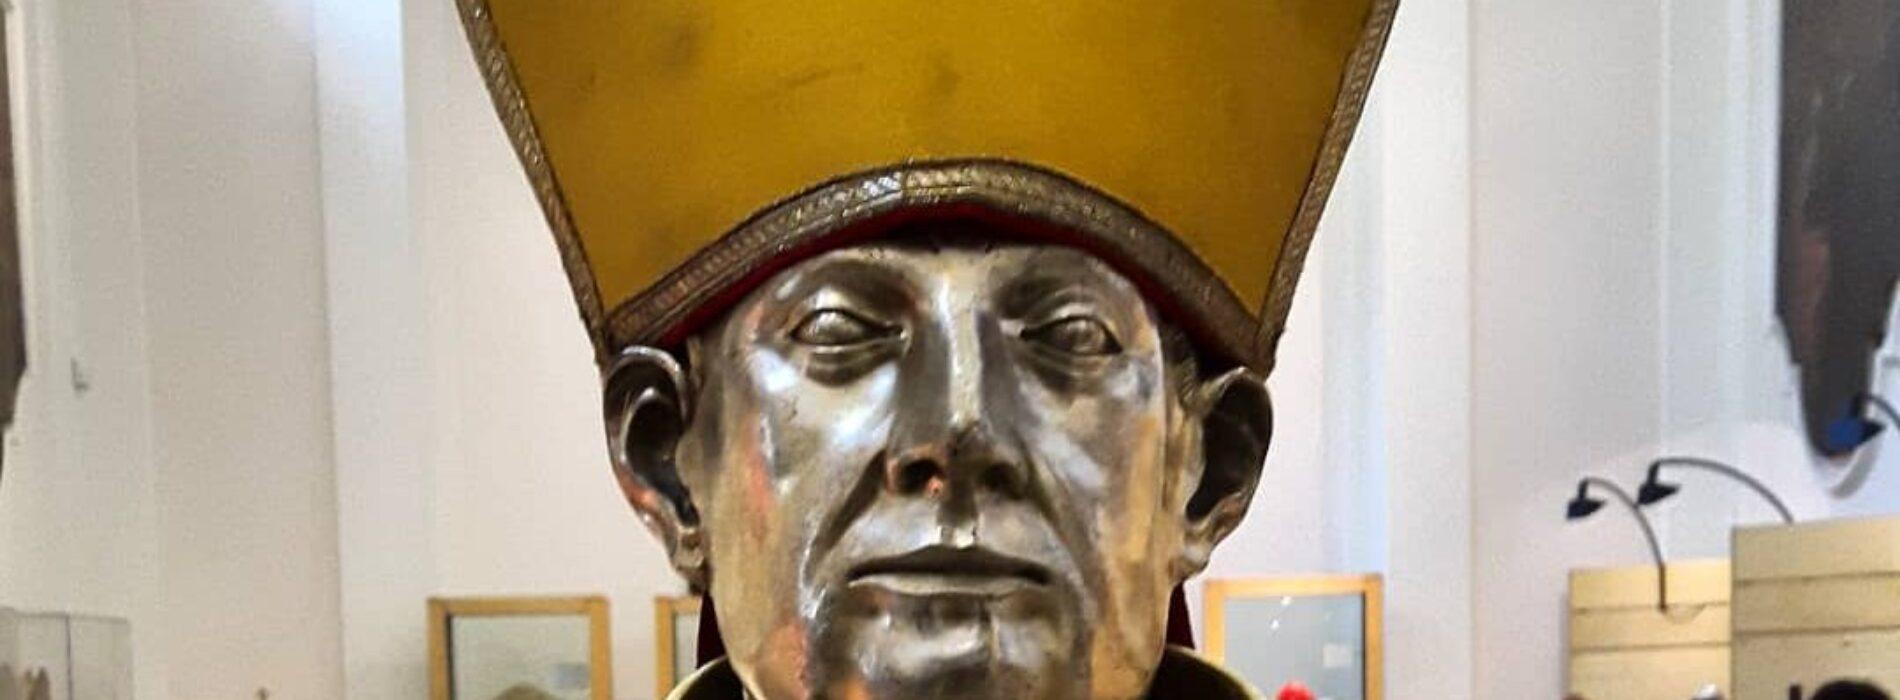 16 dicembre 1631, San Gennaro ferma l'eruzione del Vesuvio